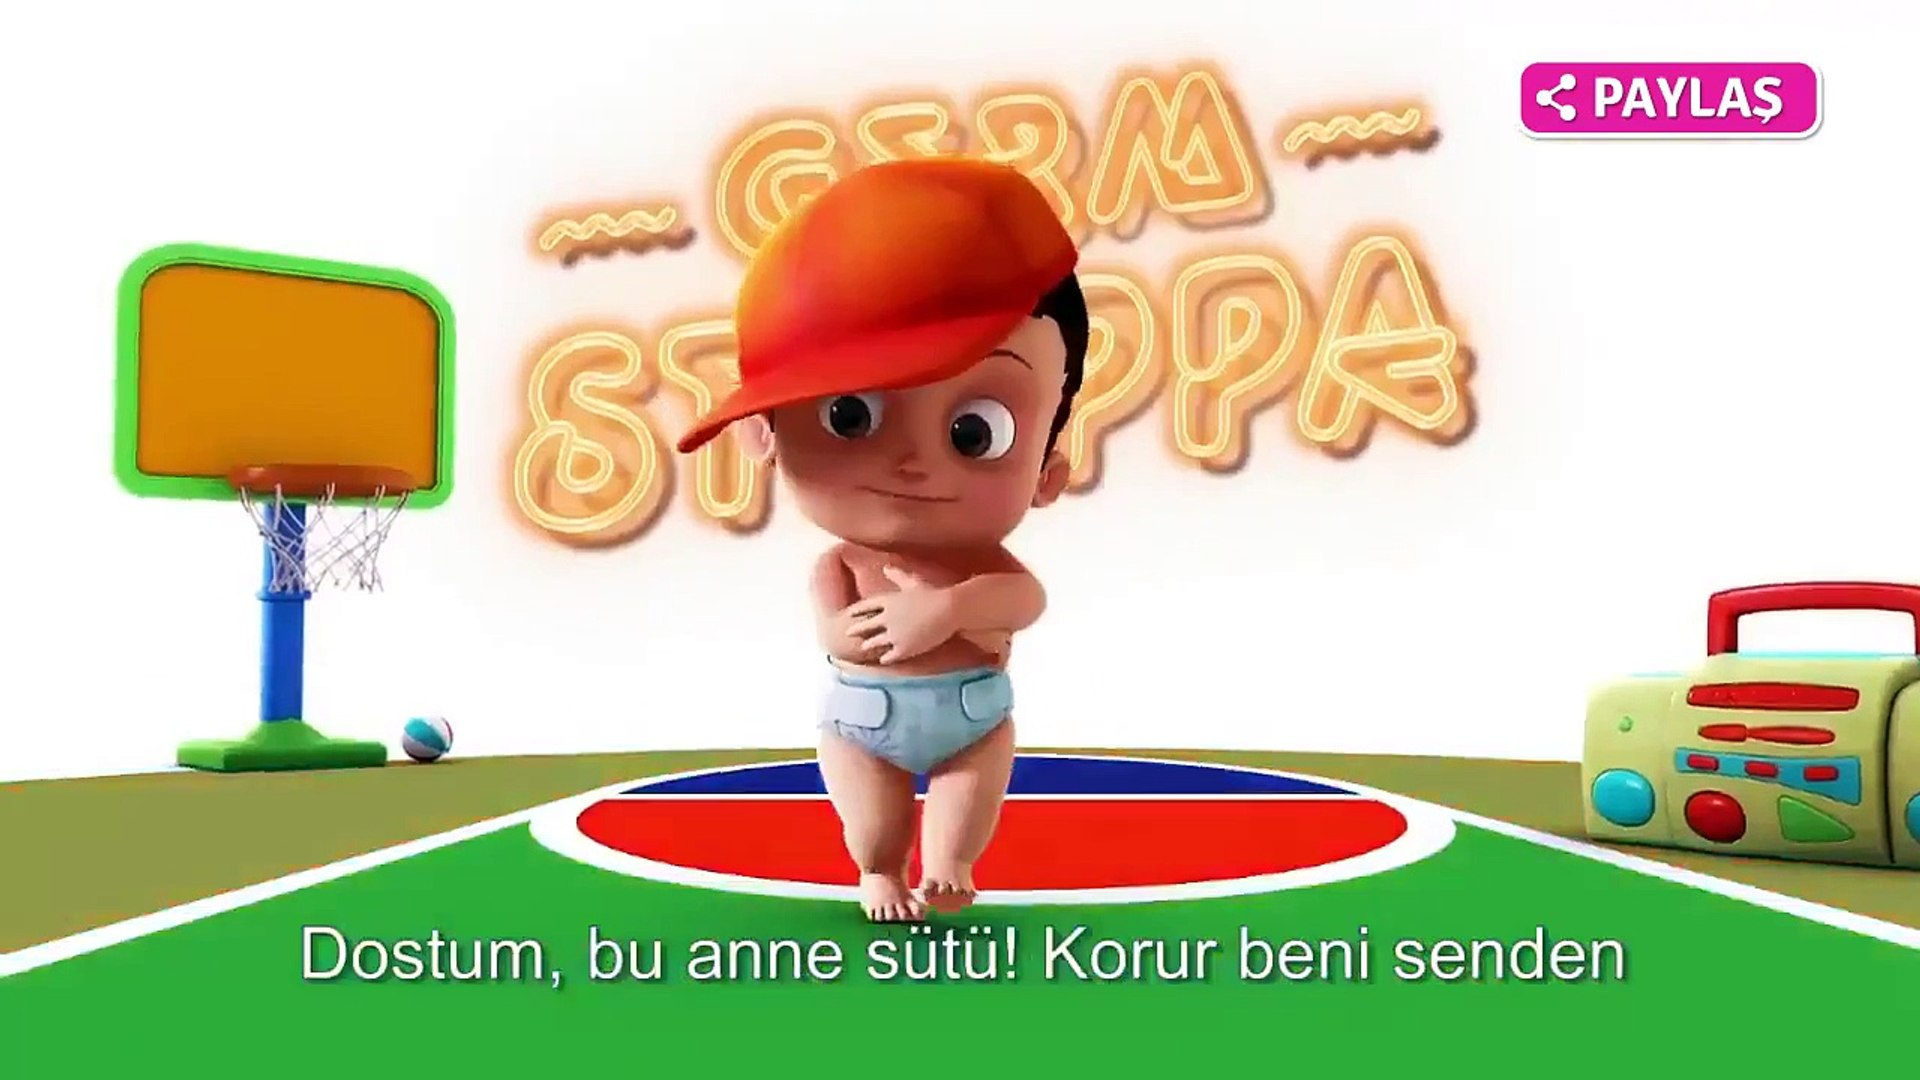 Nestle Bebek Reklamı  Full İzle Sütüm Annemden Büyümesi Benden Dans Eden Bebekler Harika,Çizgi film